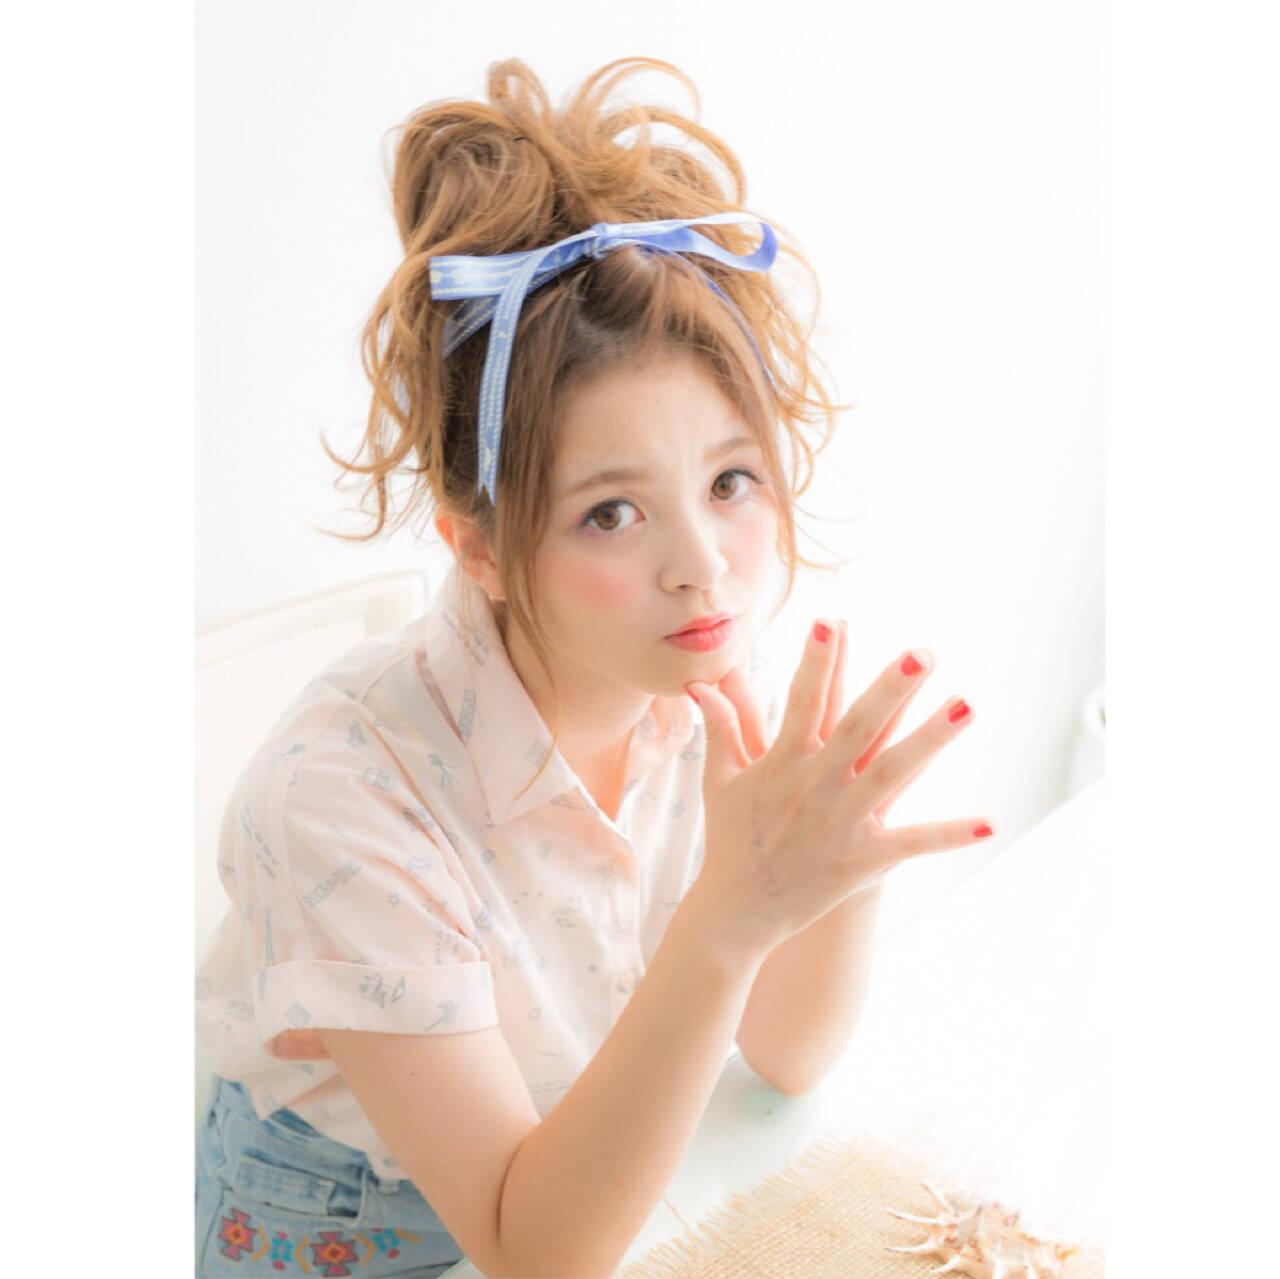 ミディアム アップスタイル ショート ヘアアレンジヘアスタイルや髪型の写真・画像